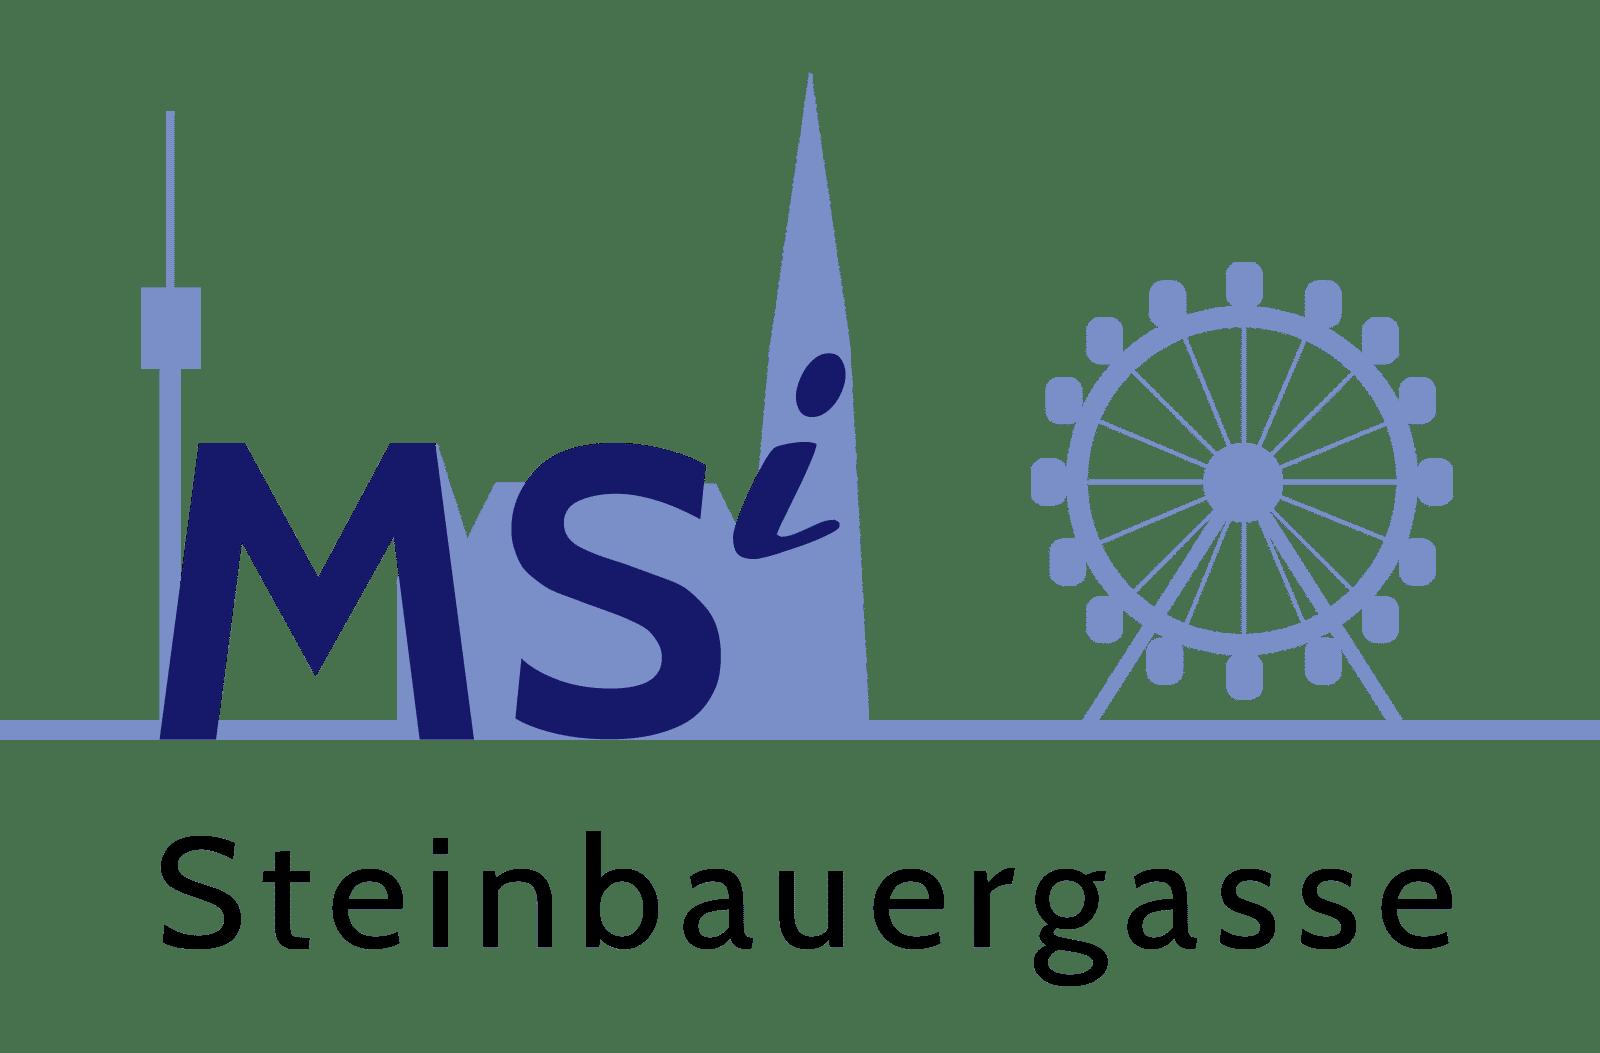 MS Steinbauergasse